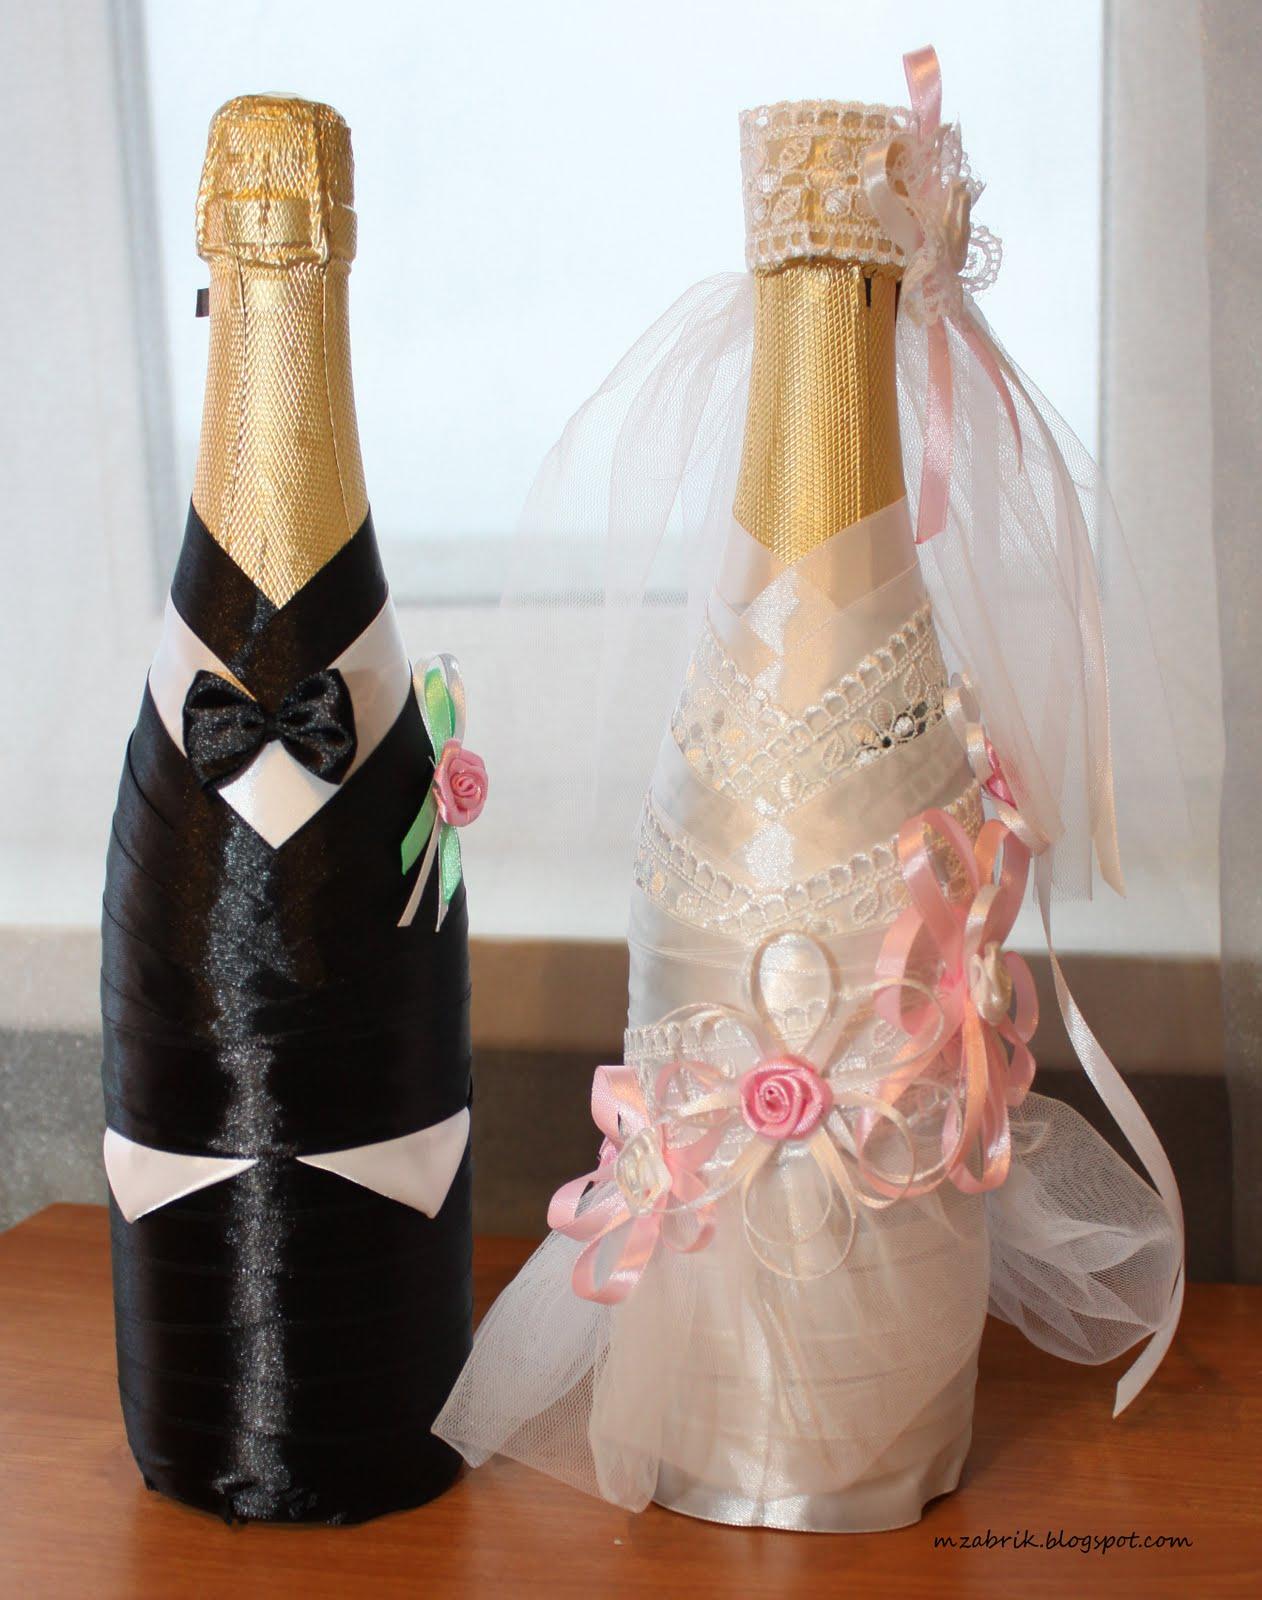 Мастер класс как сделать бутылку на свадьбу 886